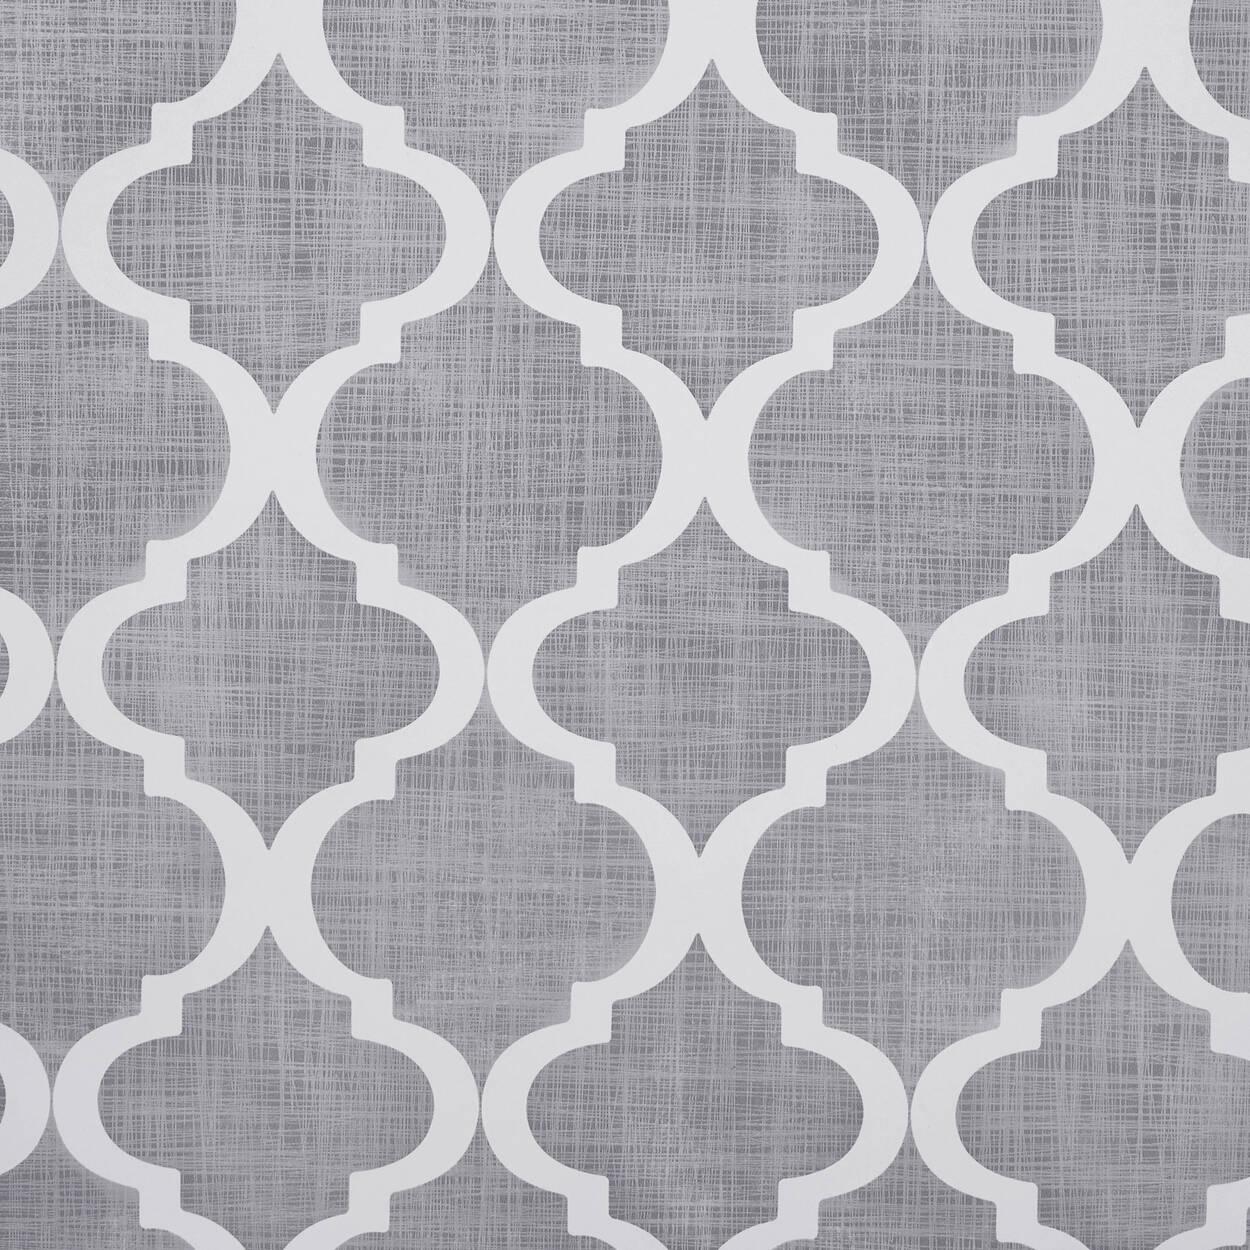 papier peint avec motif de tr fle rouleau double. Black Bedroom Furniture Sets. Home Design Ideas